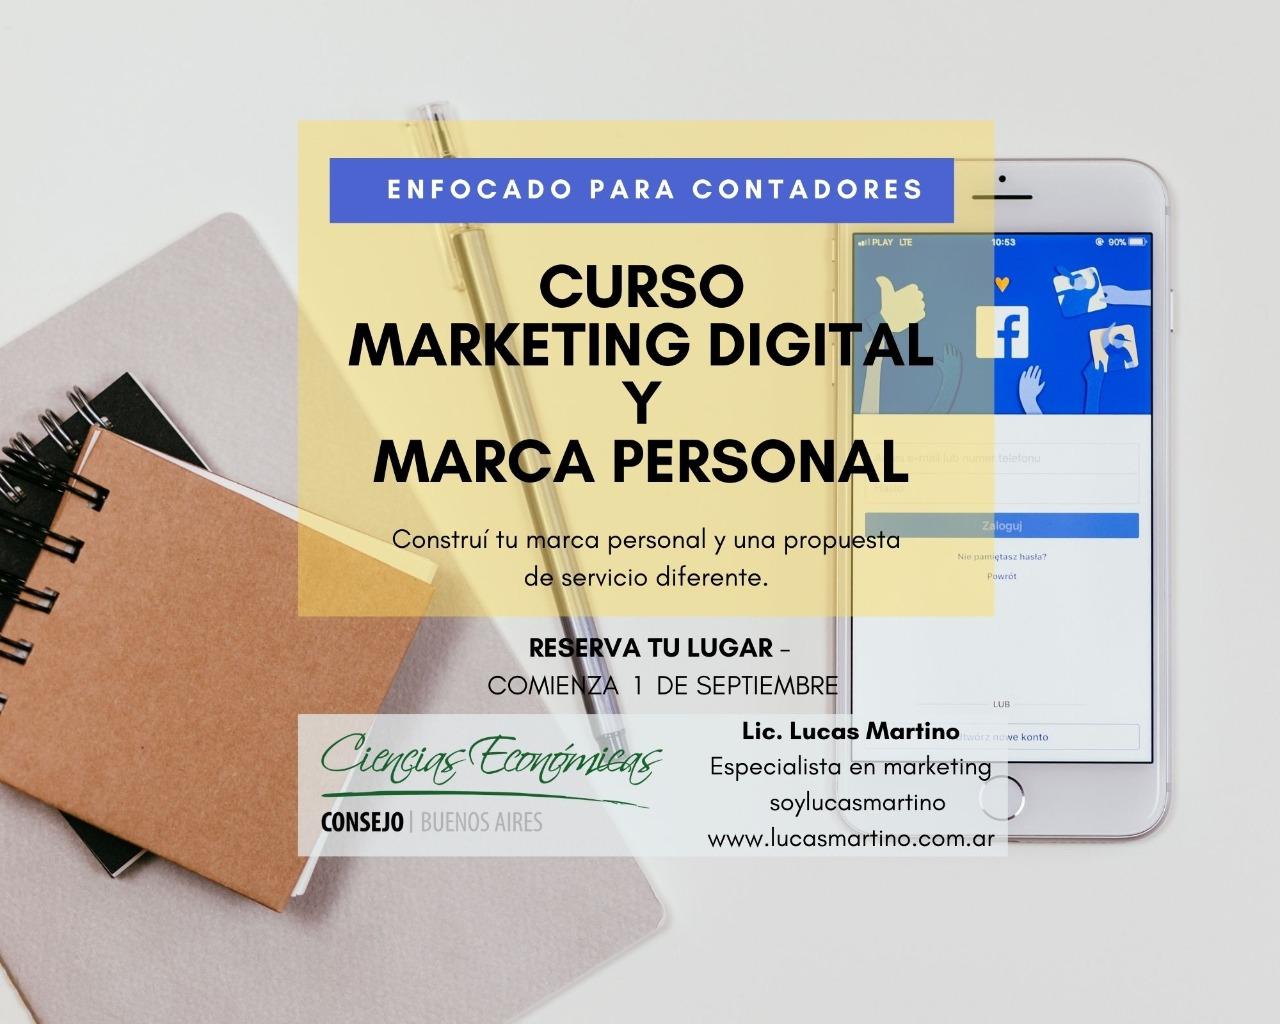 Curso de Marketing Digital y Marca Personal enfocado a Profesionales en Ciencias Económicas